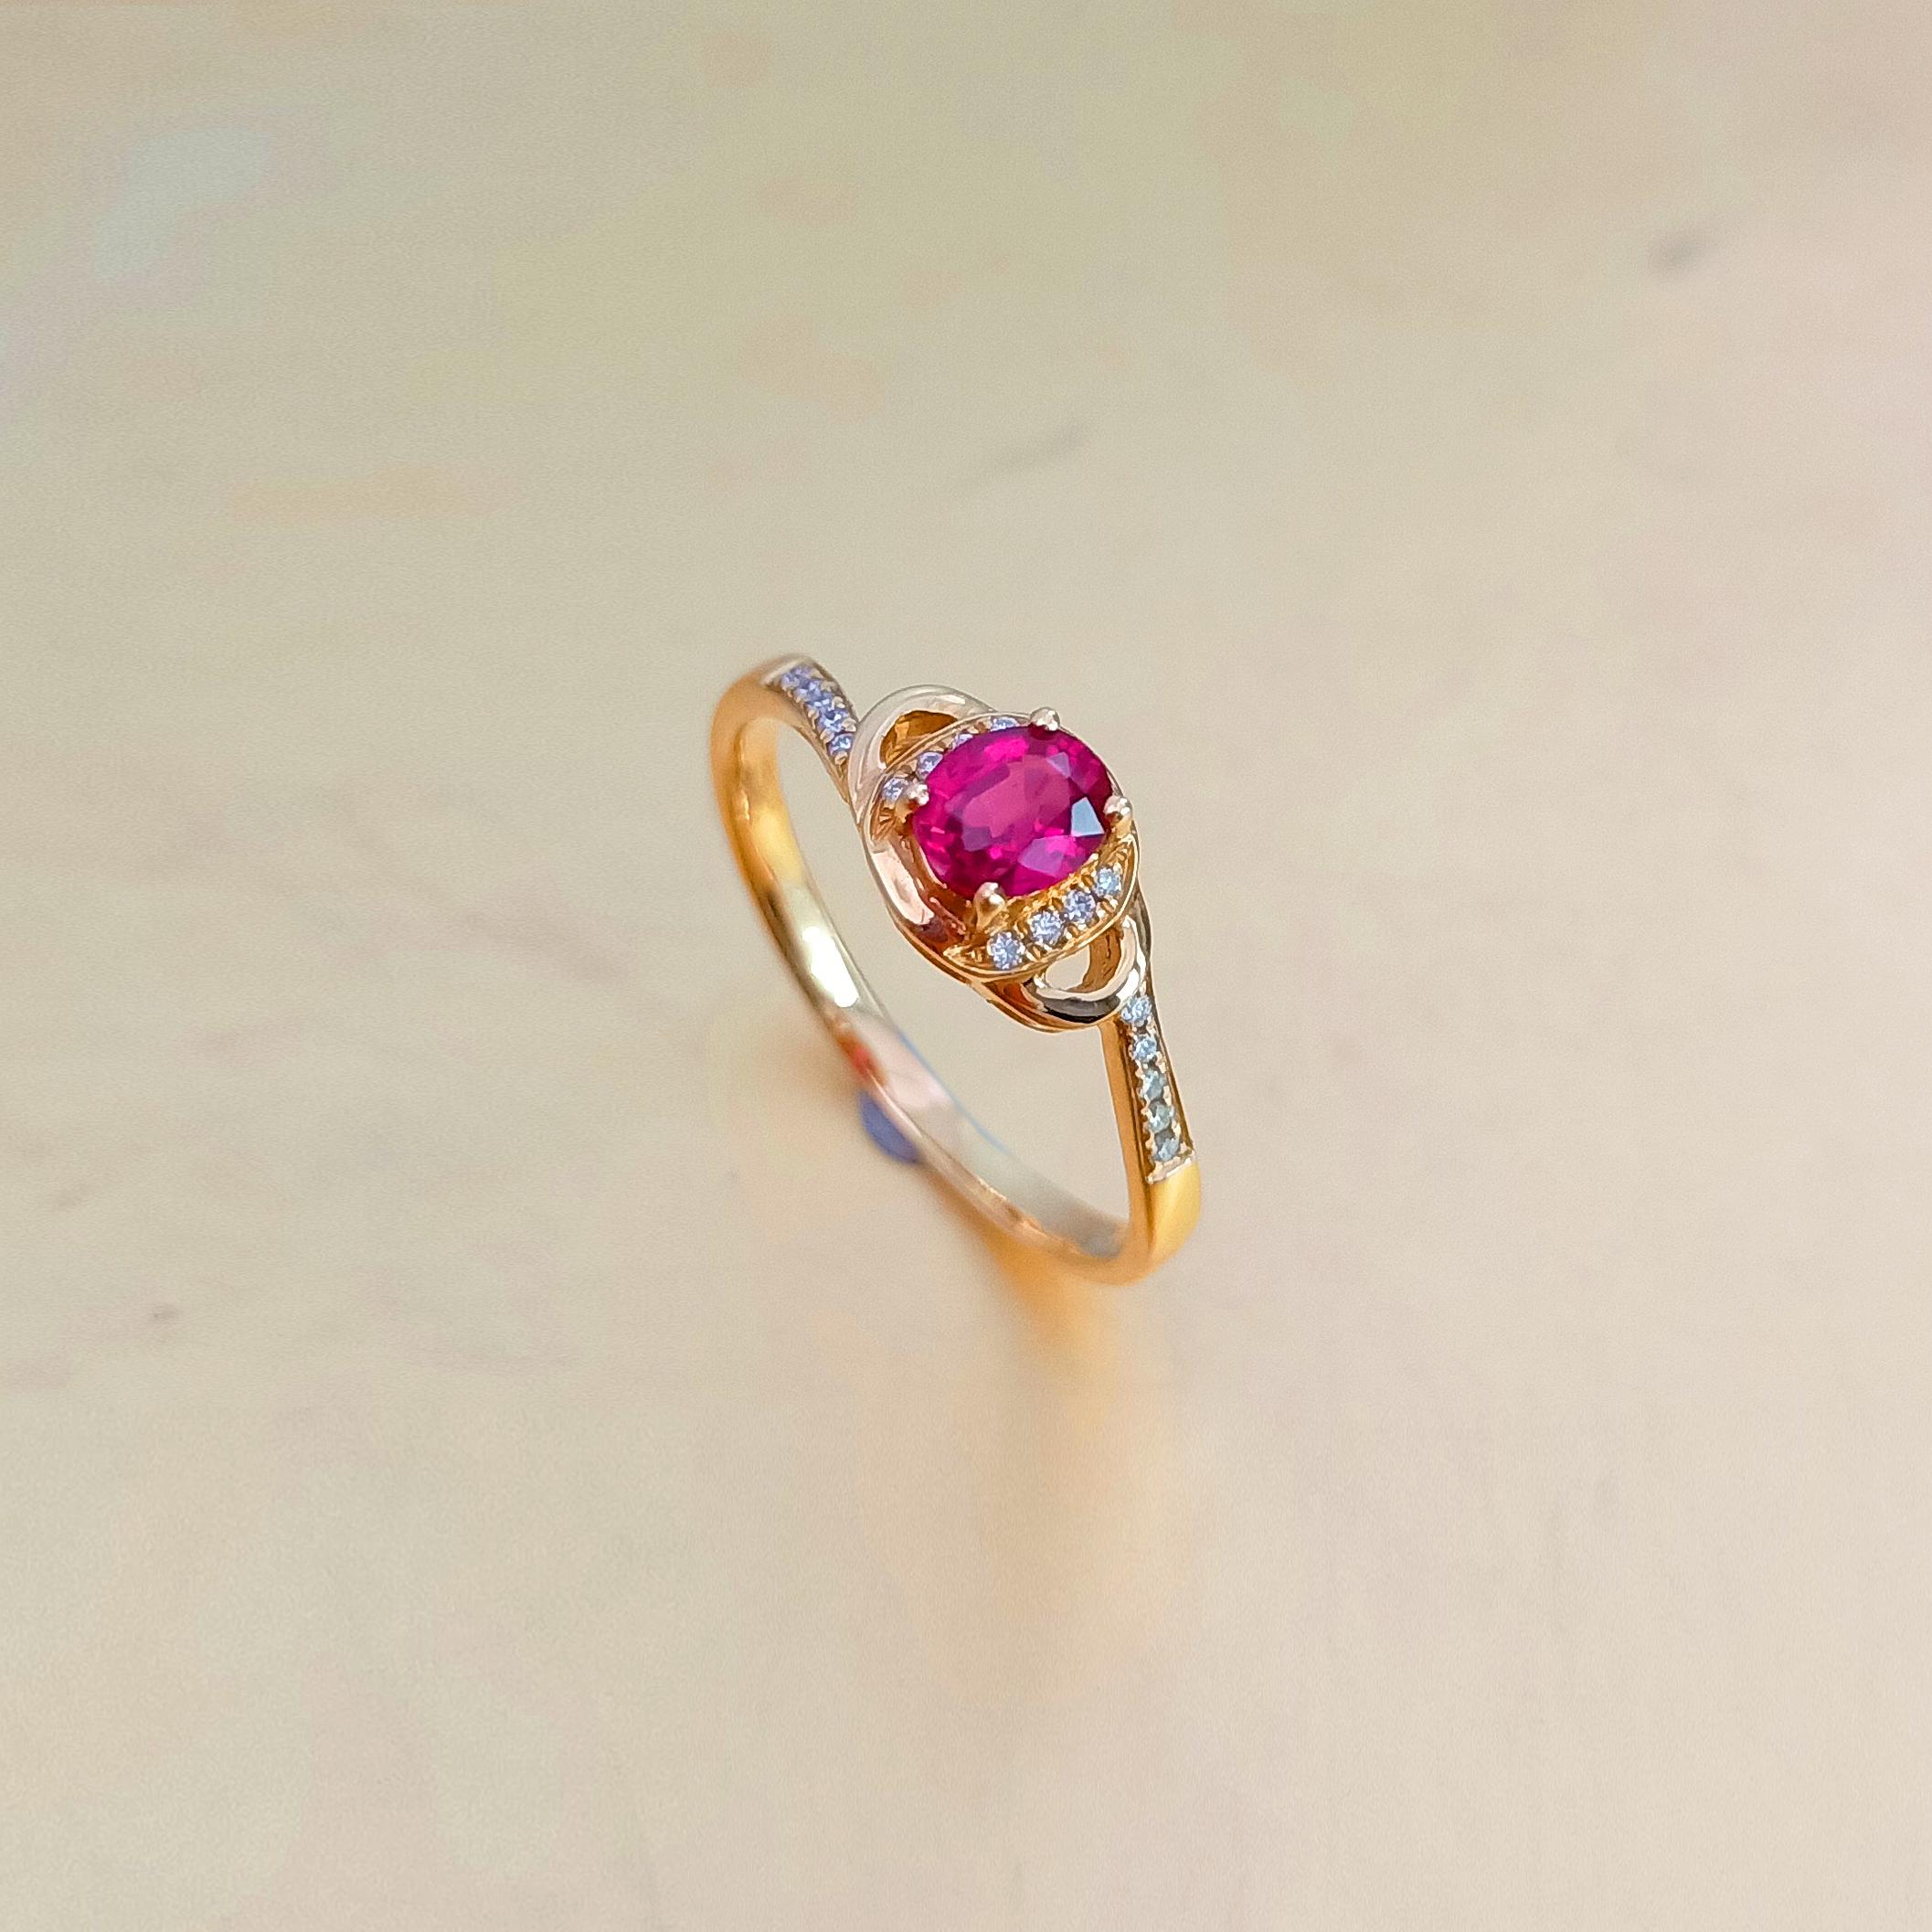 【戒指】18K金+红宝石+钻石 宝石颜色纯正 主石:0.42t/1P 货重:1.96g